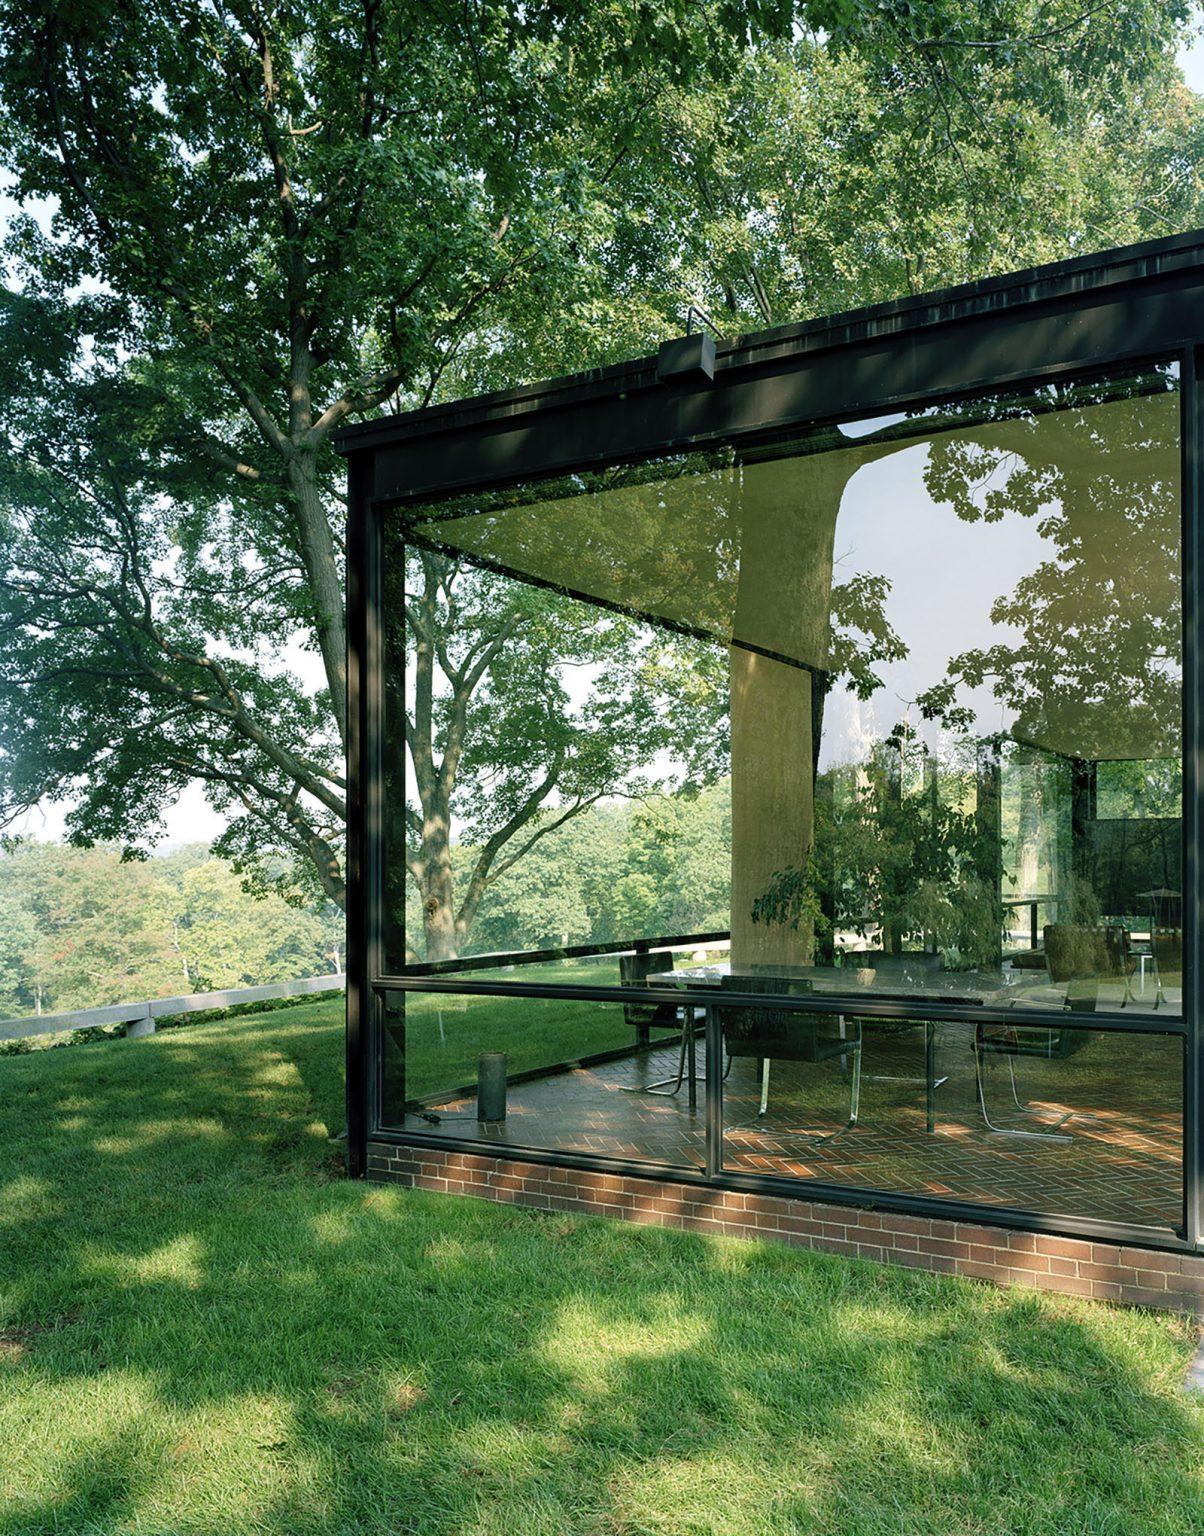 γυαλί : αρχιτεκτονική και διαφάνεια